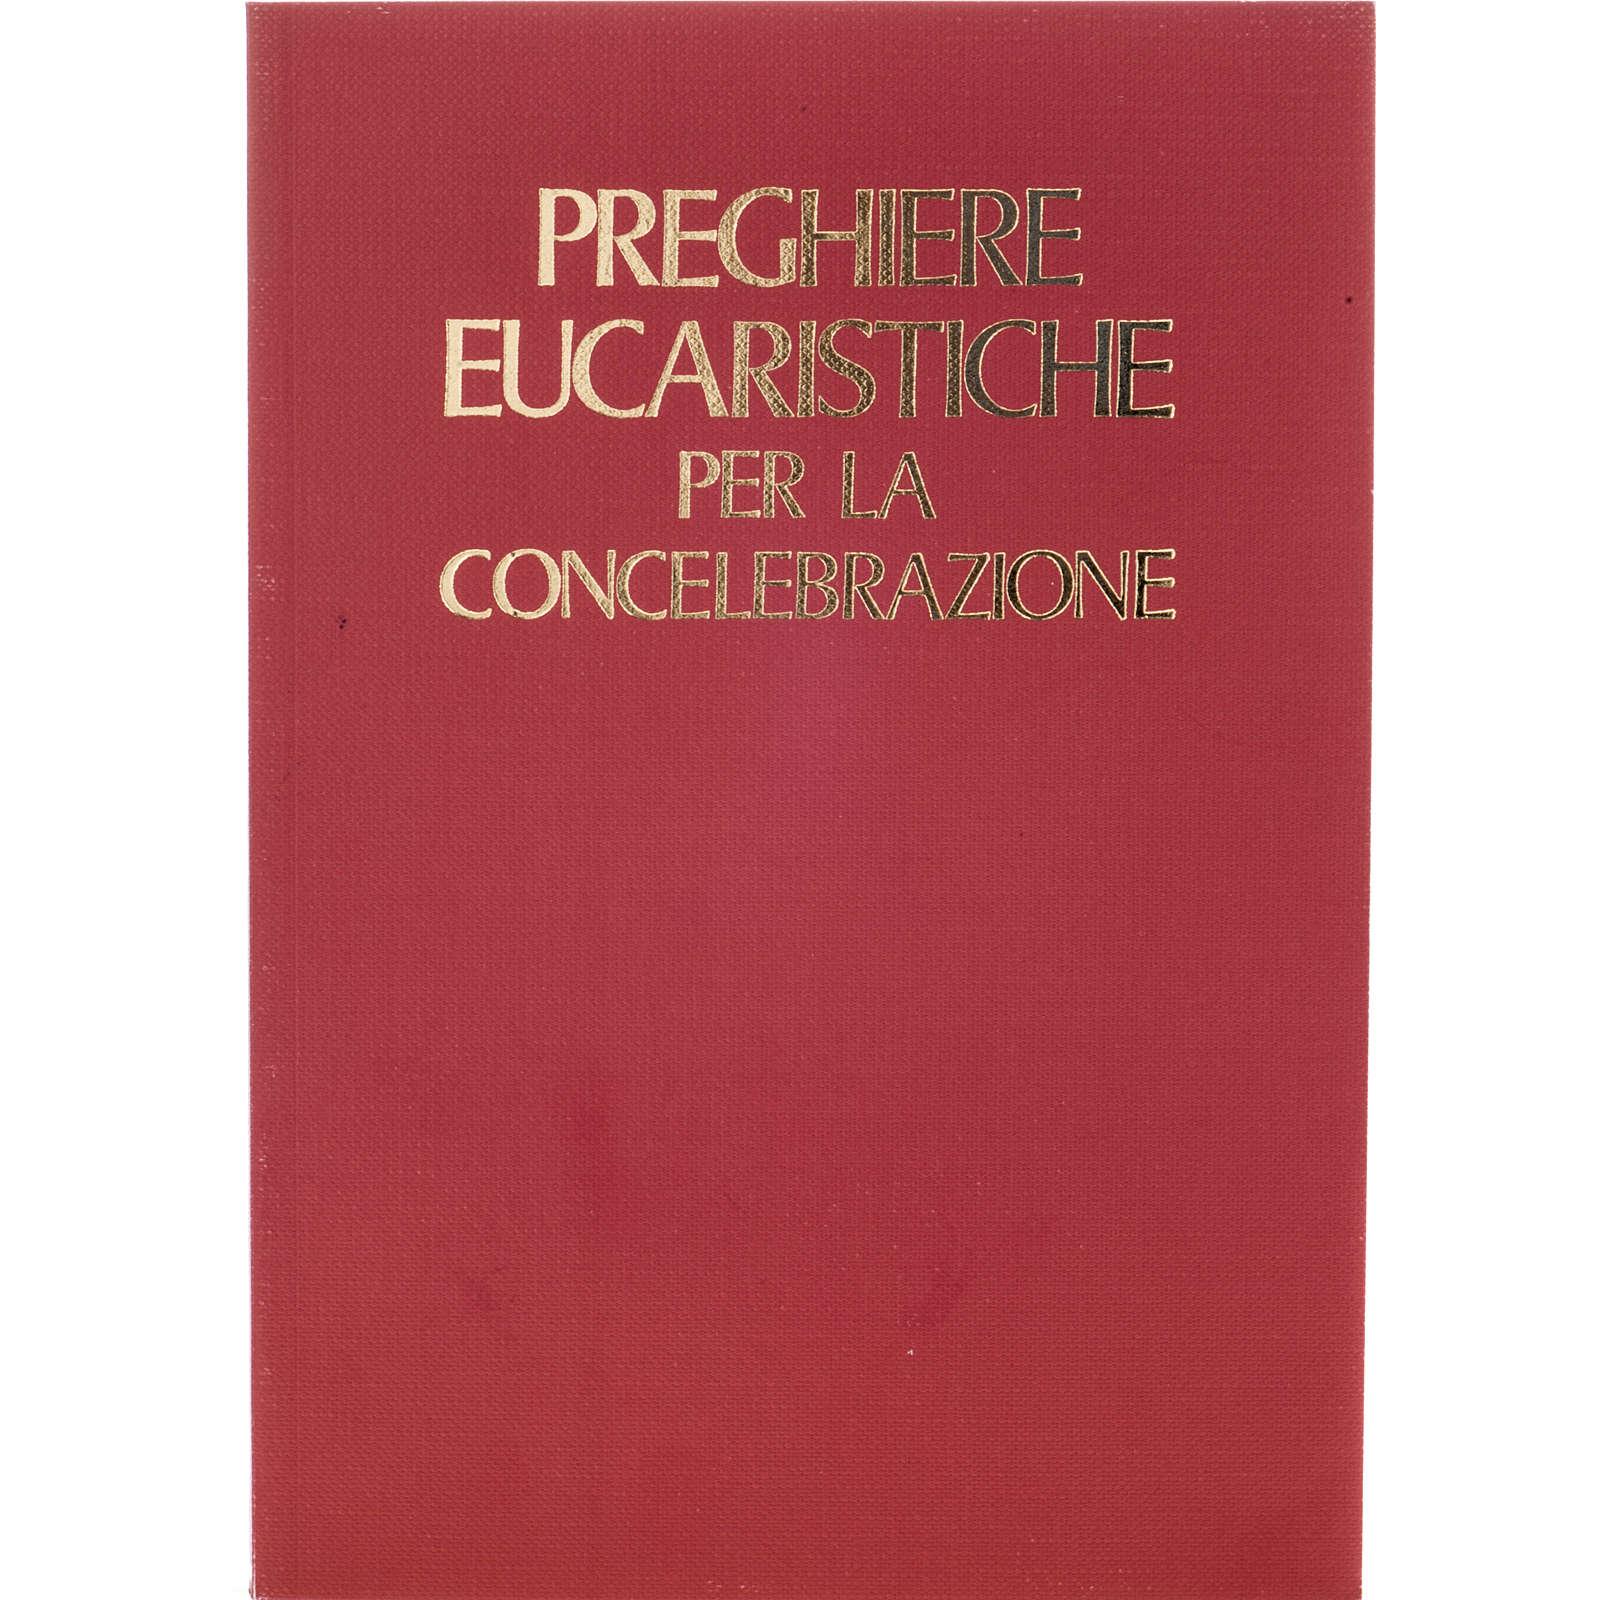 Preghiere eucaristiche per la Concelebrazione 4